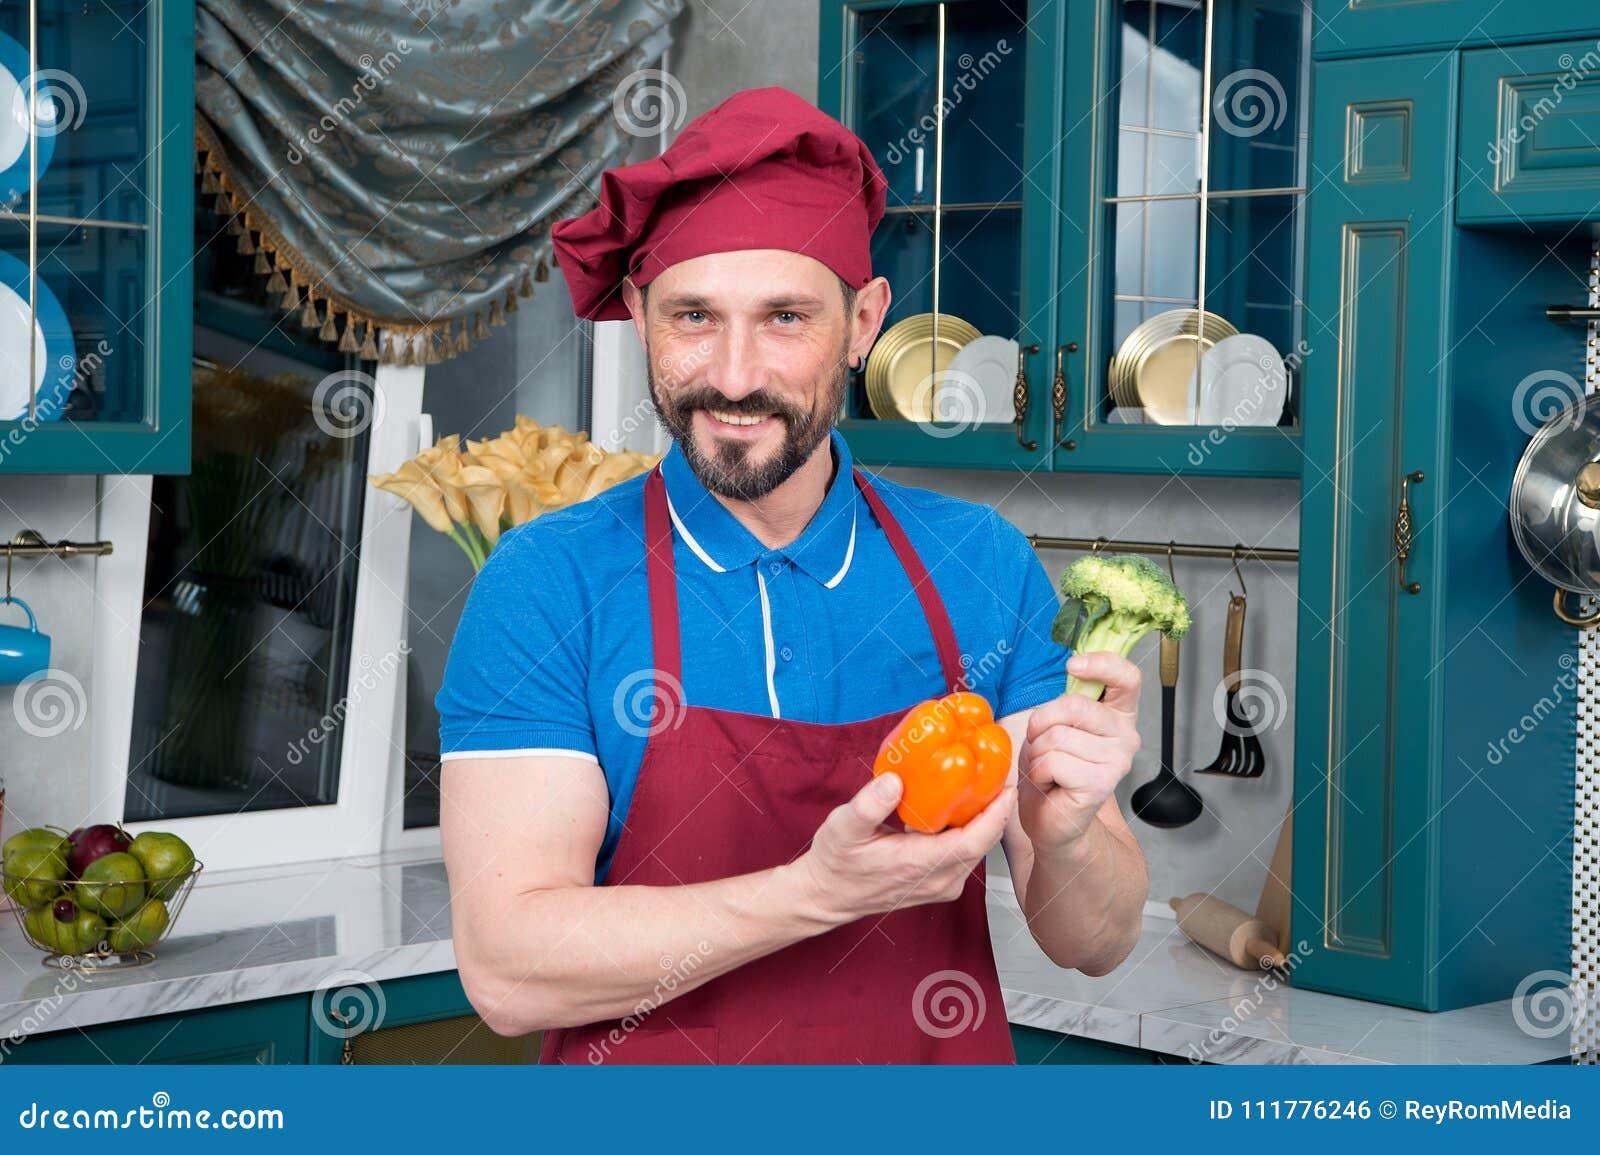 Паприка и брокколи в руках человека Усмехнутый шеф-повар с овощами в его руках Портрет бородатого парня на кухне